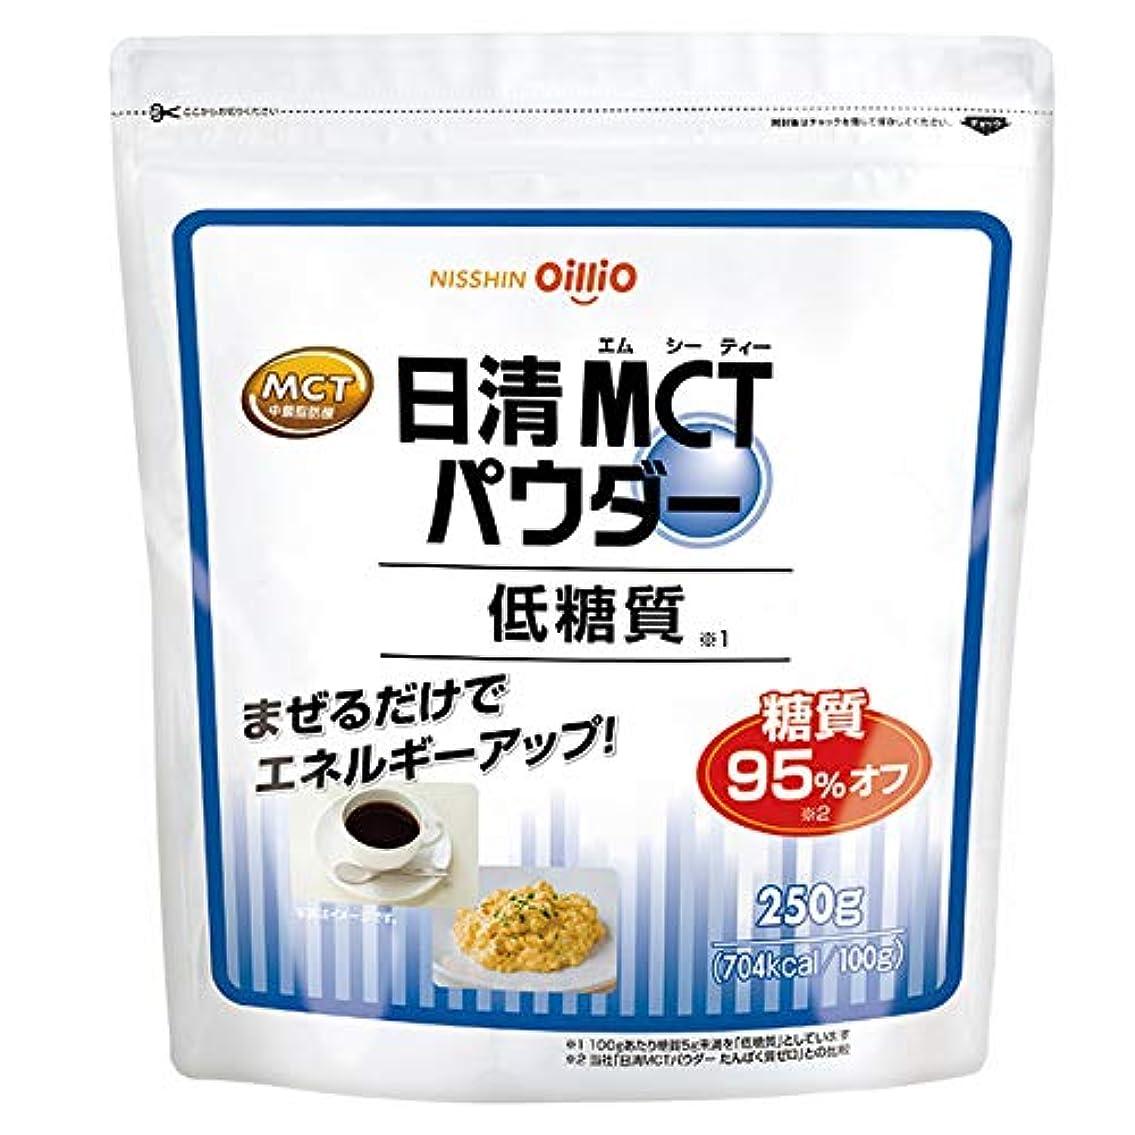 ミット引退した追放する日清MCTパウダー 低糖質 250g